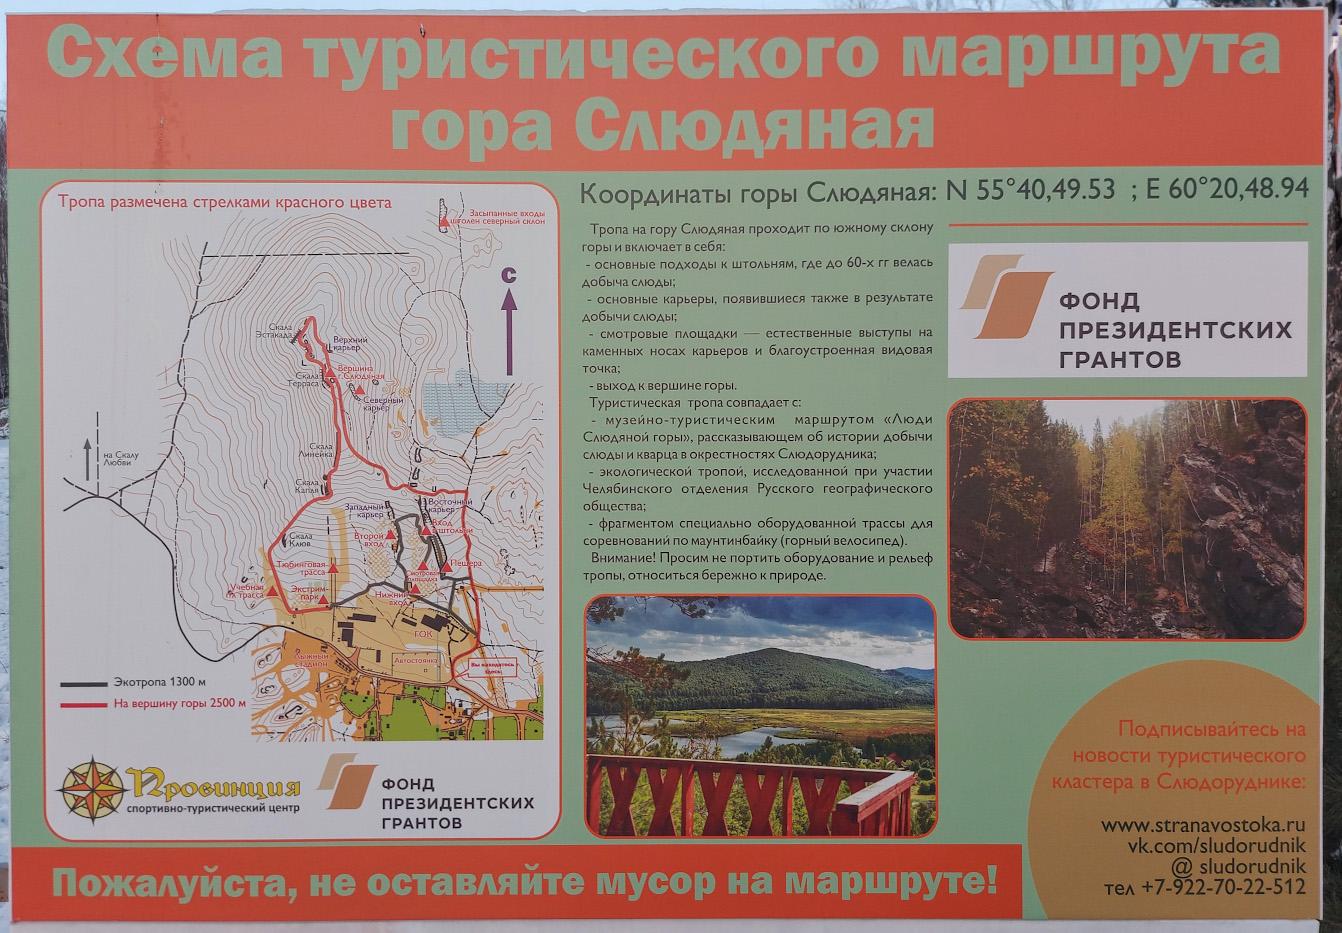 3. Схема музейно-туристического маршрута «Люди Слюдяной горы». Как найти вход под землю.